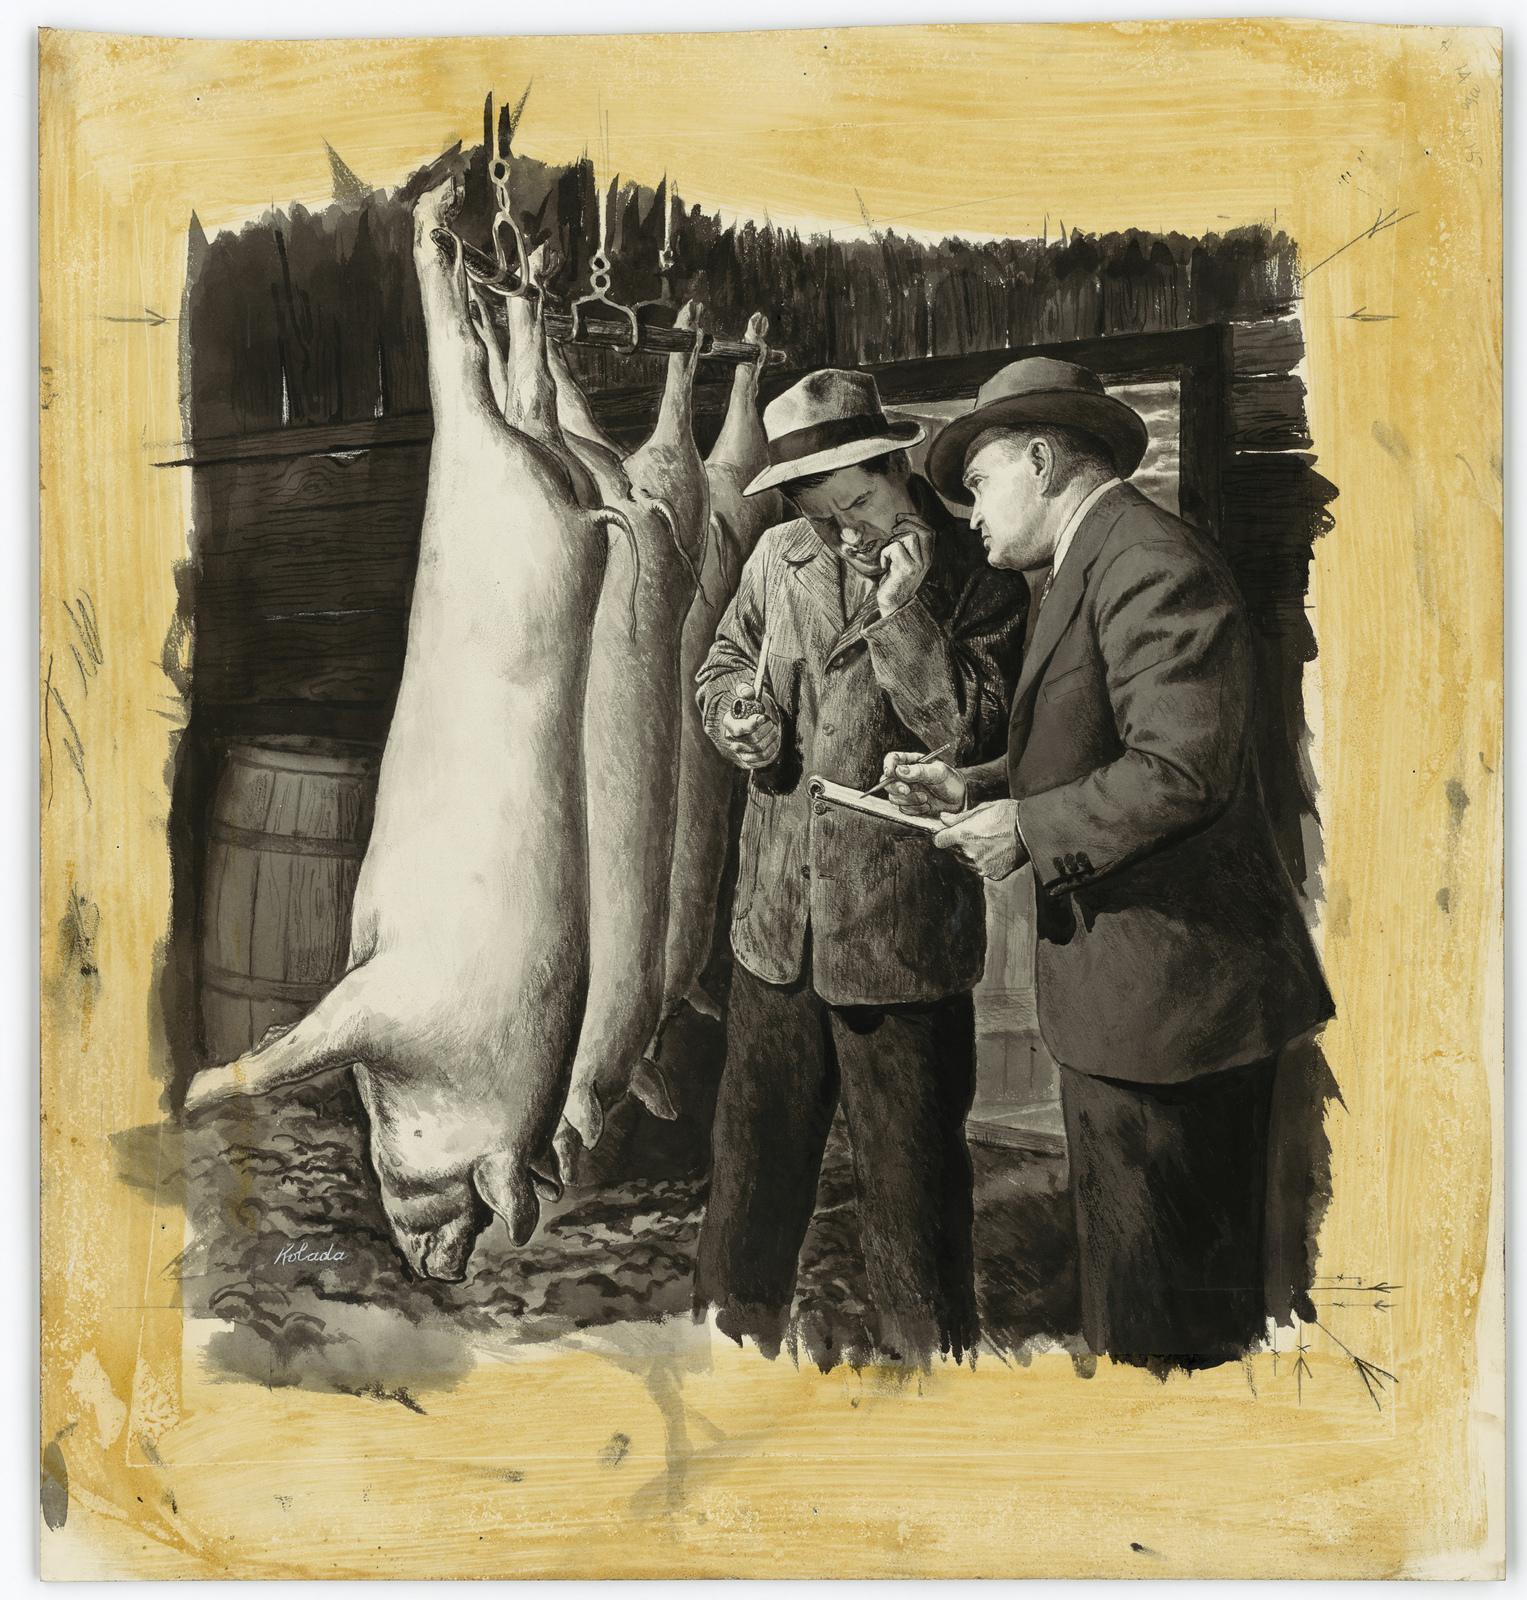 [Inspector talking to farmer beside the dead hogs hanging from meat hooks. June 11, 1945] [Kolada]